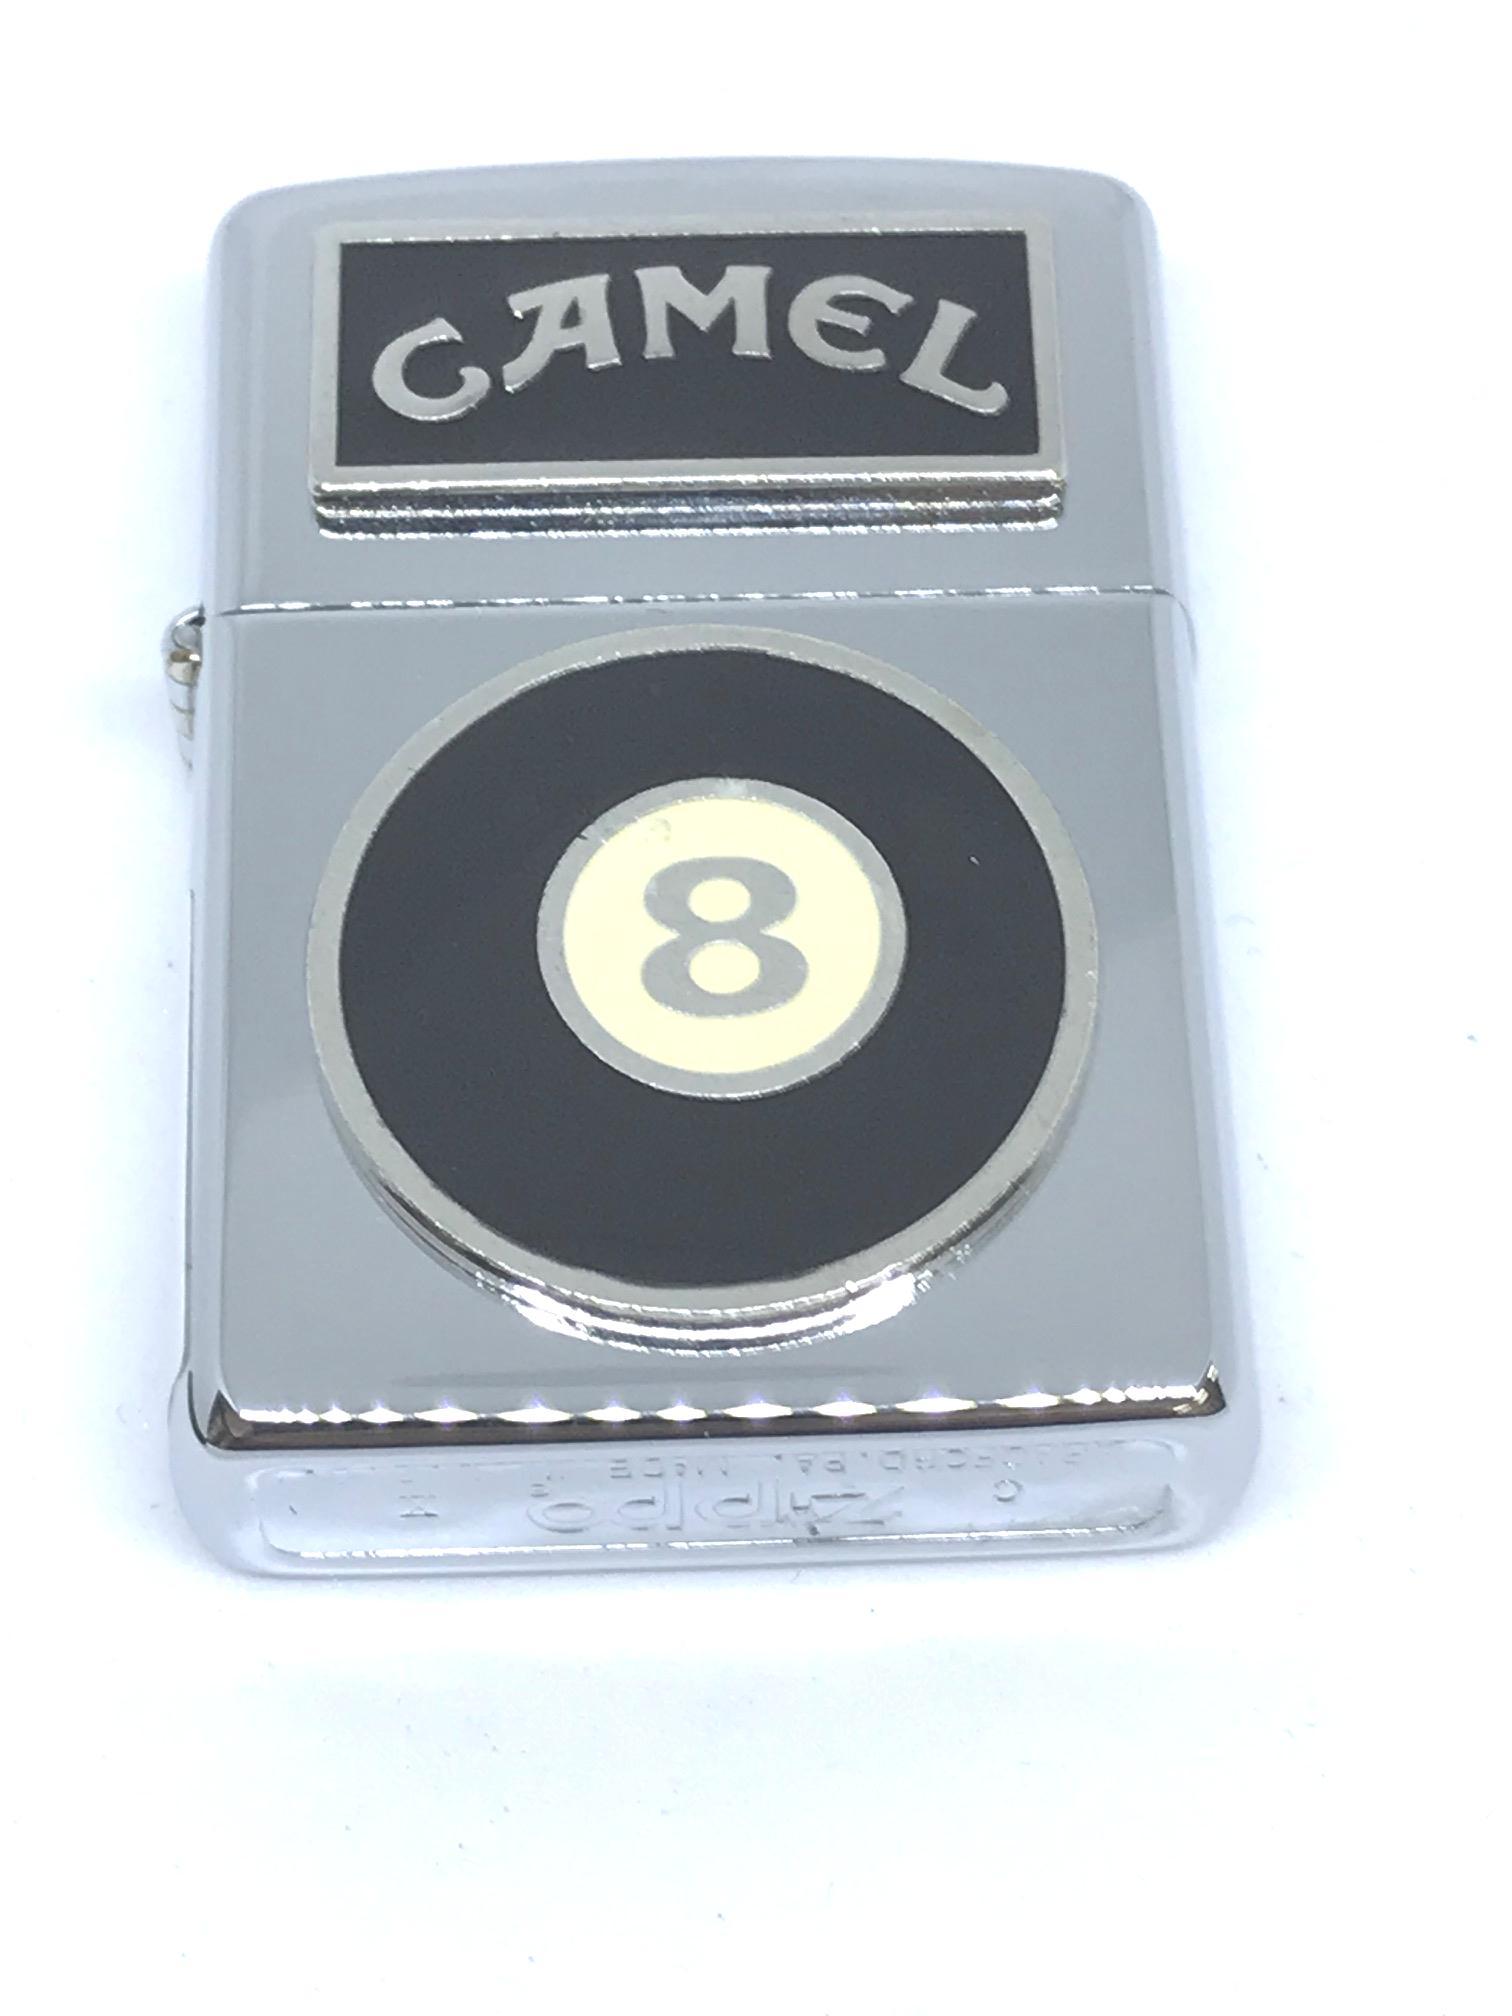 Zippo co Camel 8 Ball Emblem ntz118